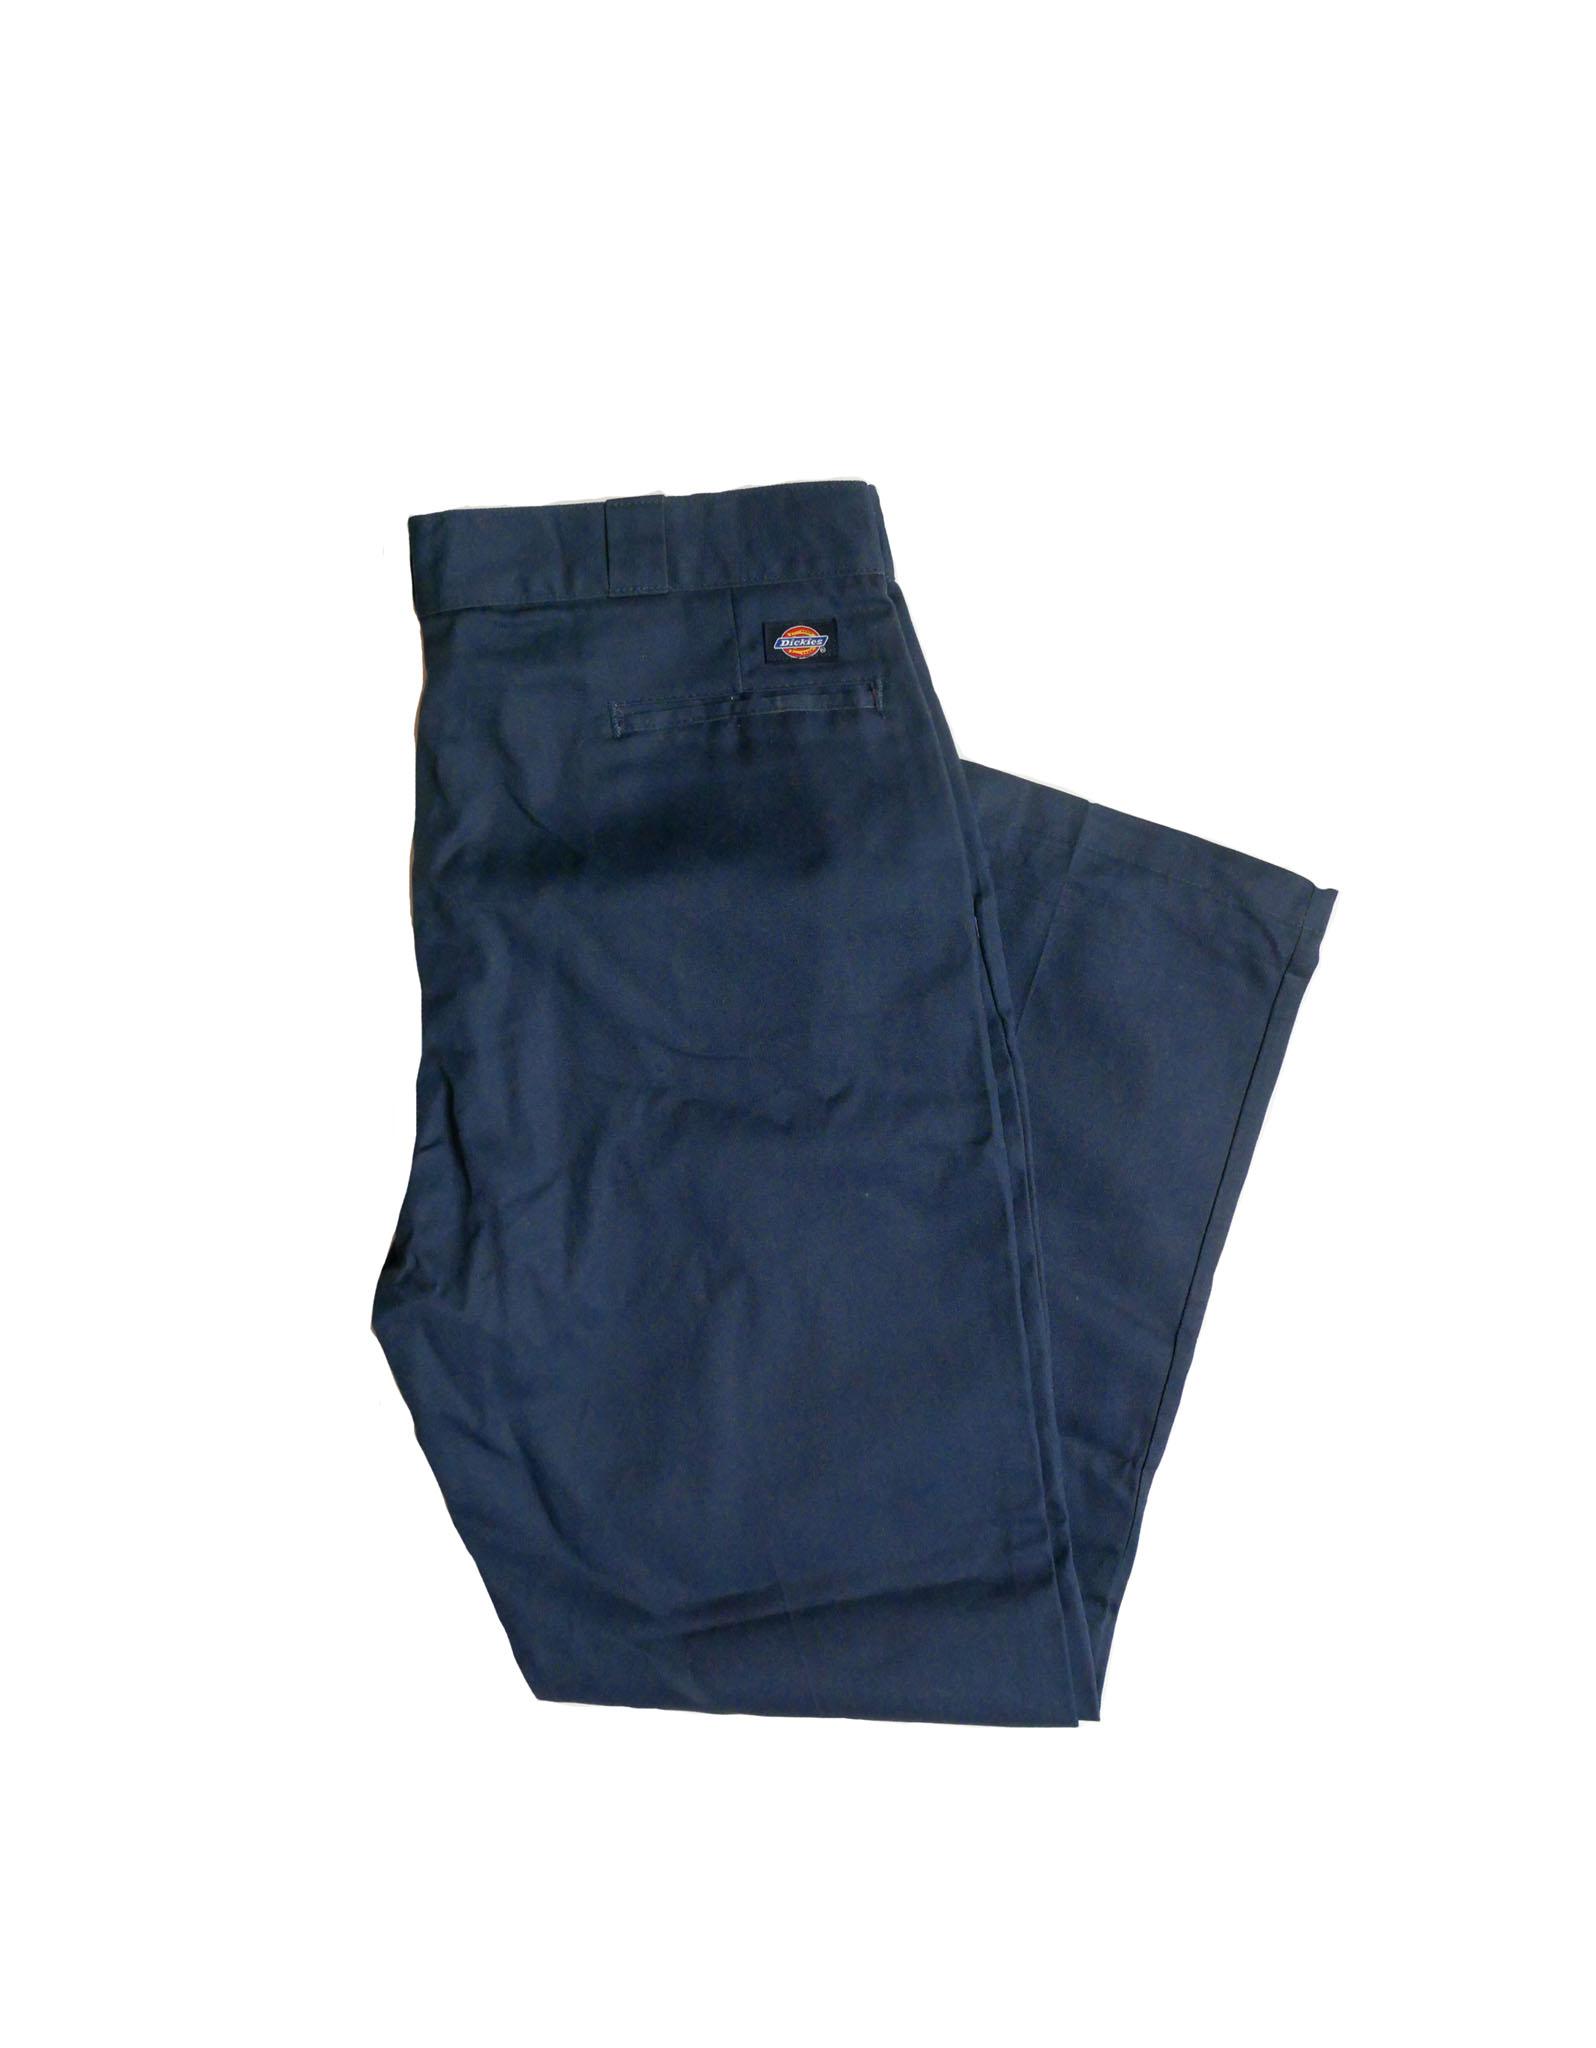 Dickies 874 Original Work Pants Navy